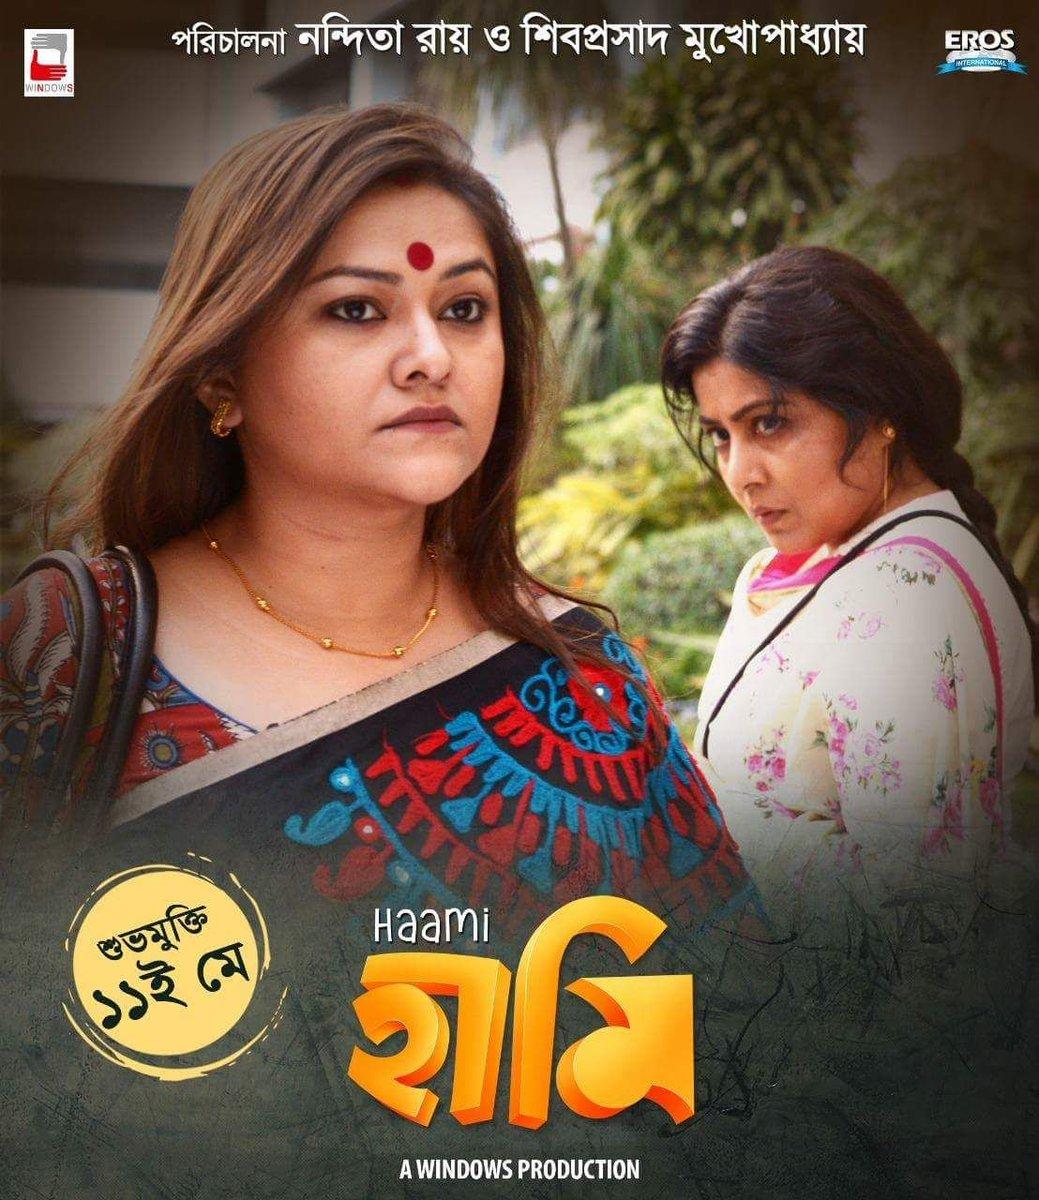 haami bengali movie torrent download